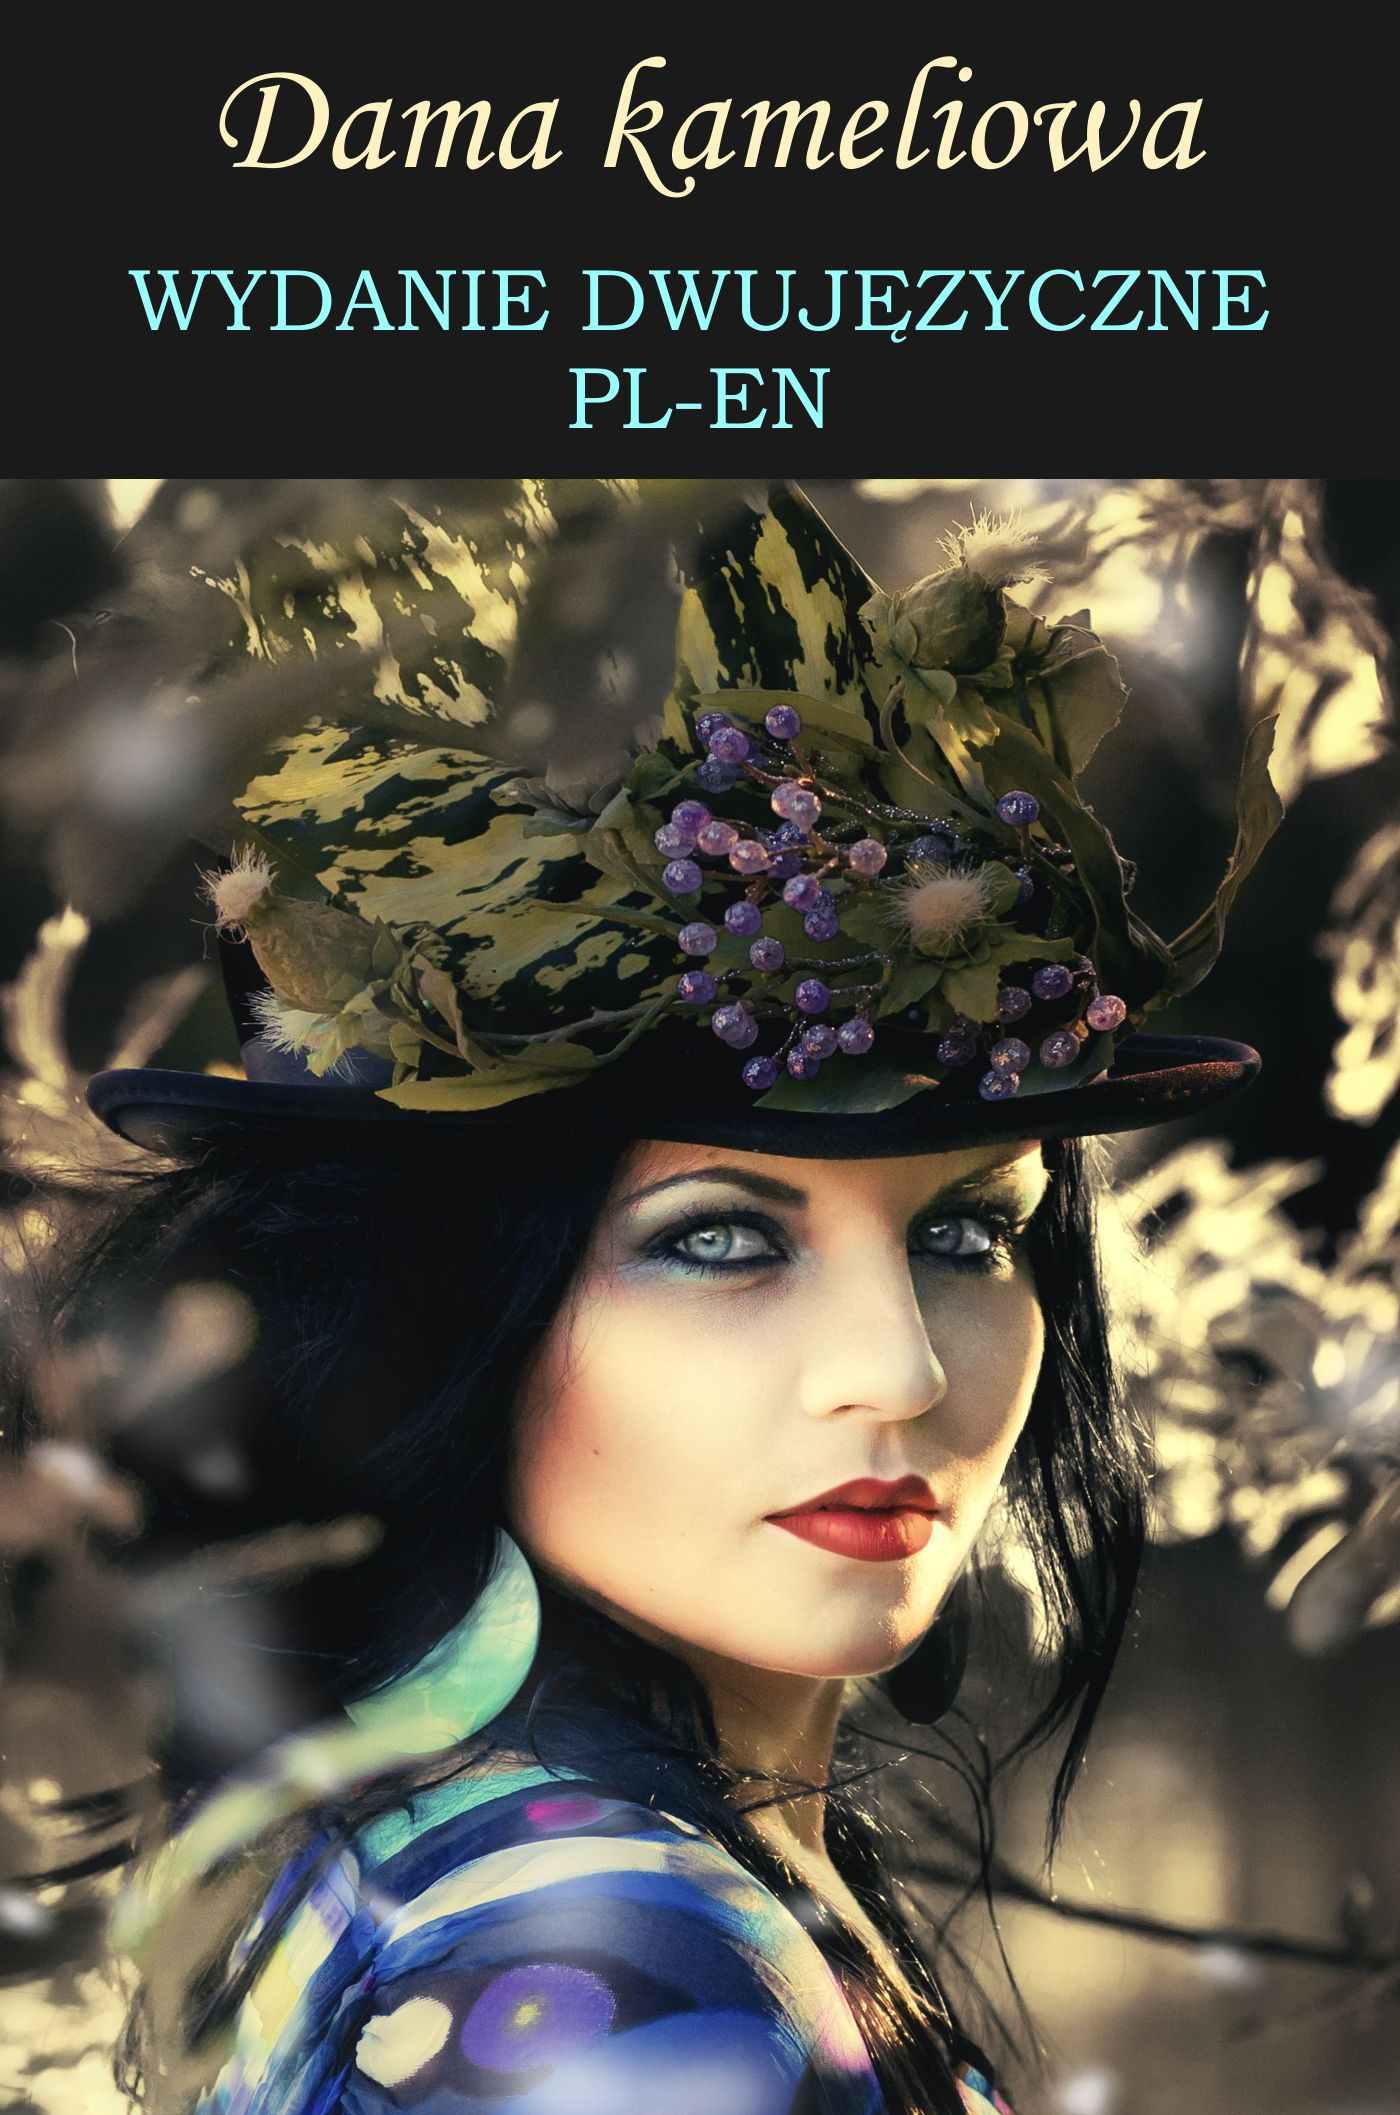 Dama kameliowa. Wydanie dwujęzyczne - Ebook (Książka PDF) do pobrania w formacie PDF